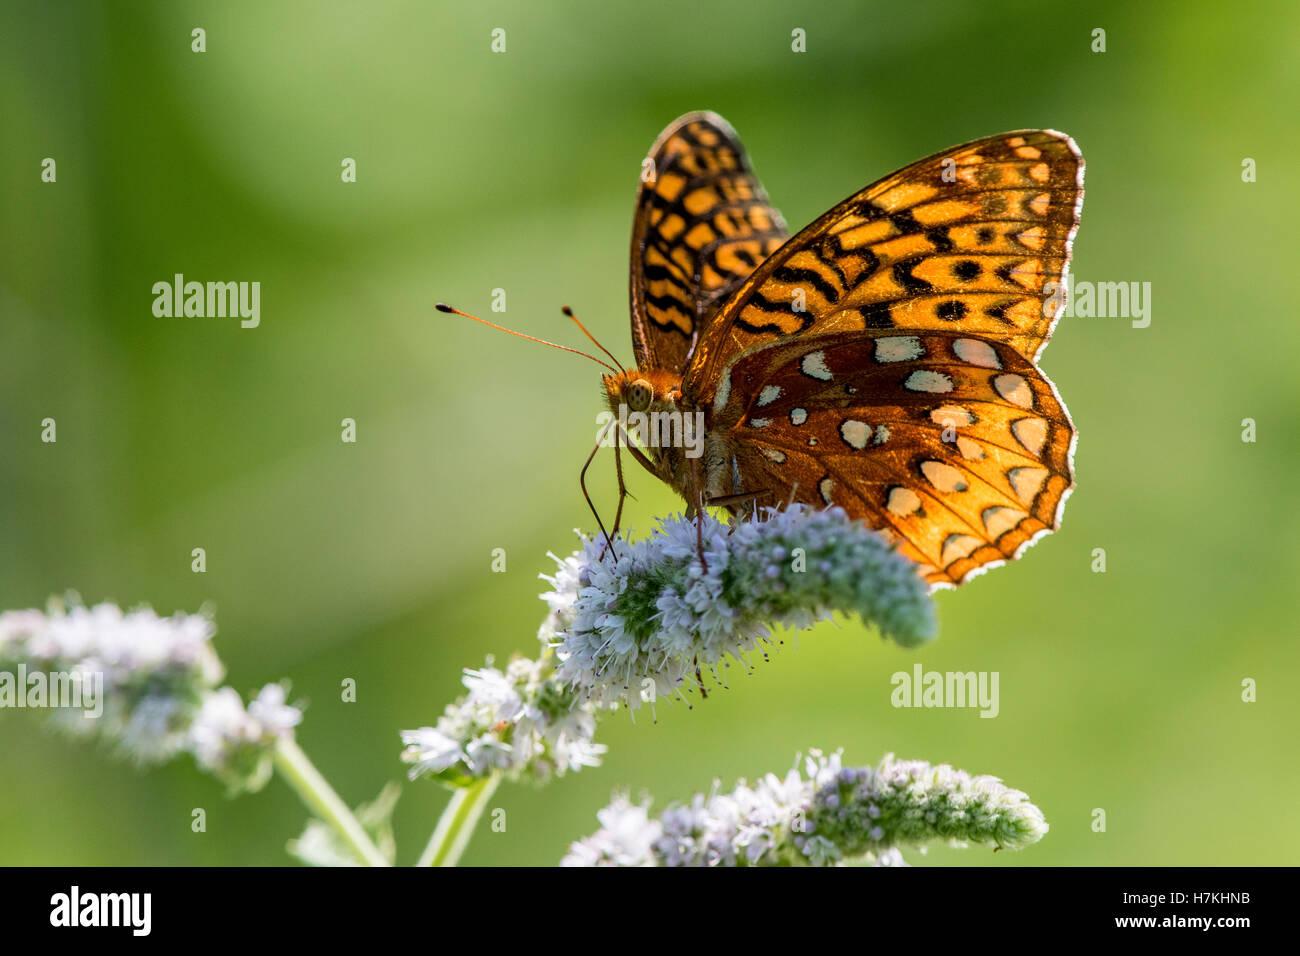 Schmetterling auf Blüte. Fritillaryschmetterling ruht auf mint Flower mit Flügeln in der Sonne ausbreiten. Stockbild